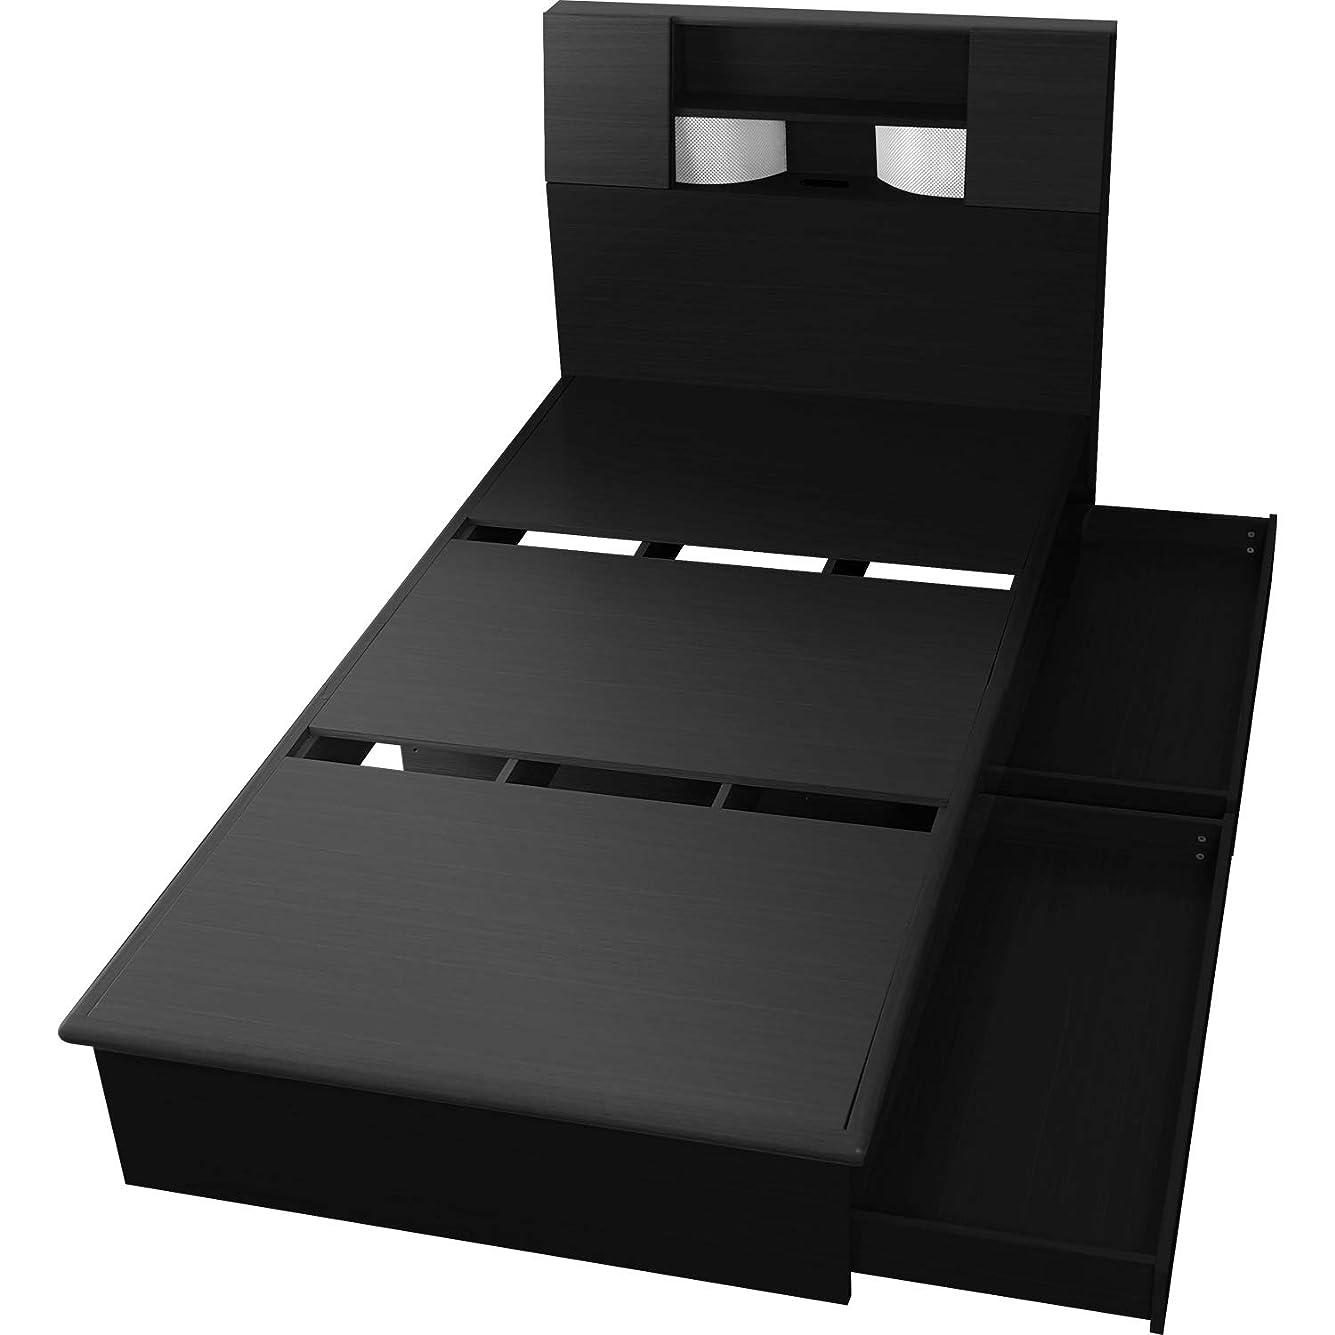 読書社員情熱的DORIS ベッド シングル フレームのみ 収納付き 照明付き 扉付き 組立式 ブラック クライブ